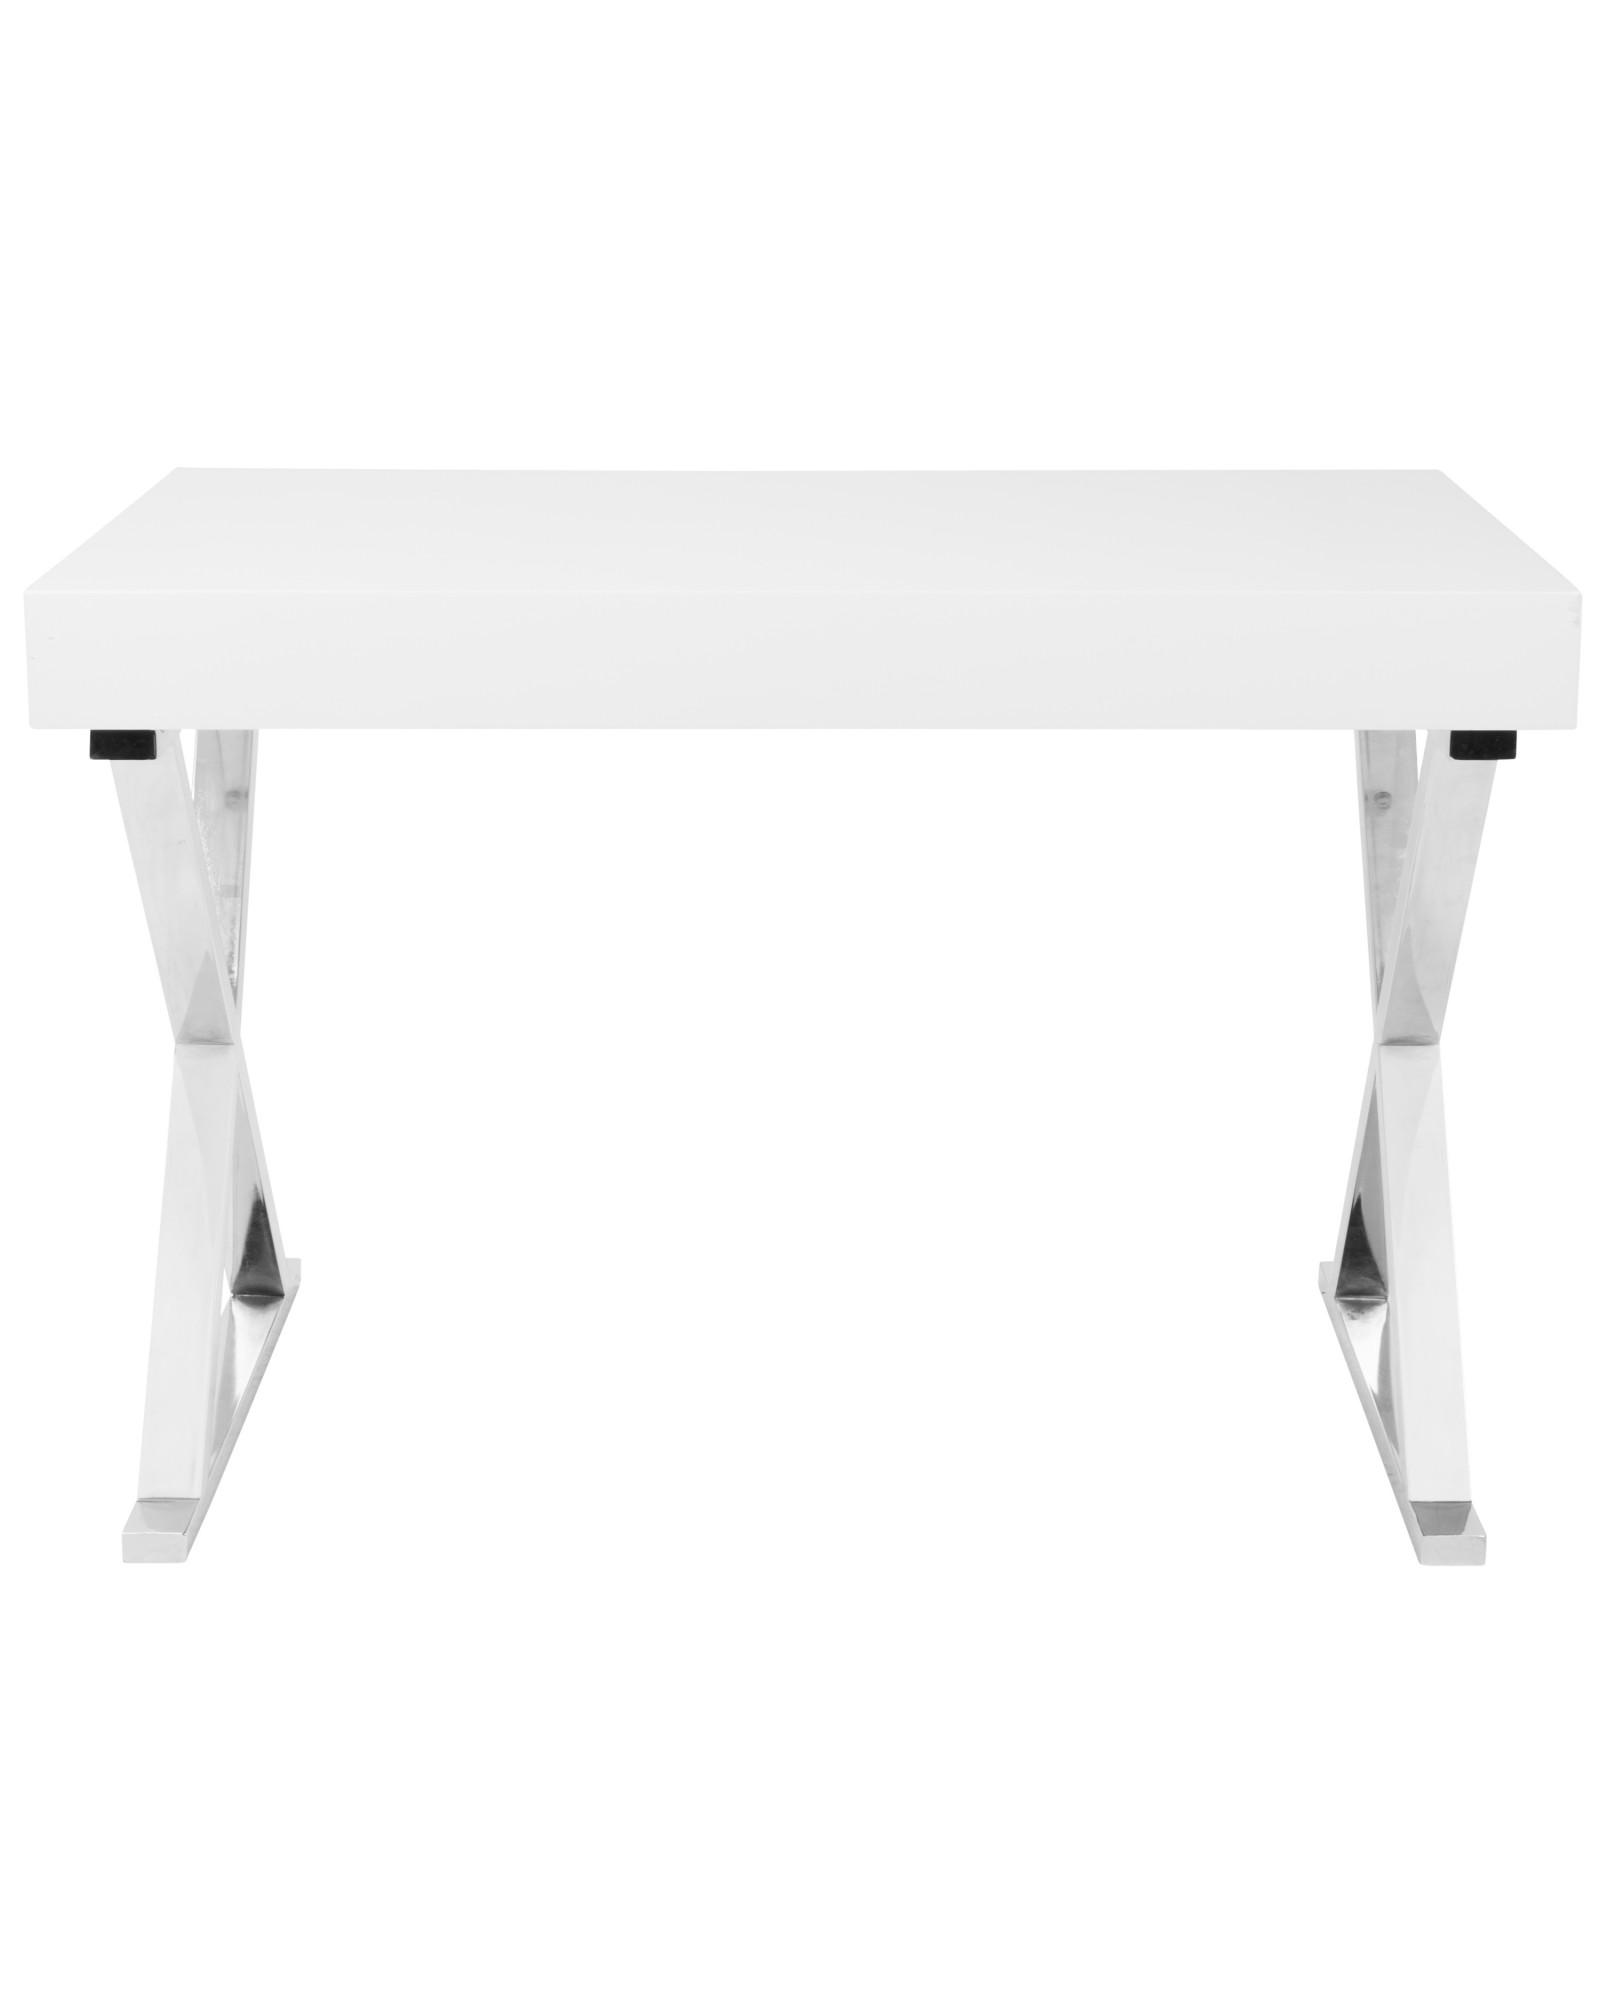 Luster Contemporary Desk in White